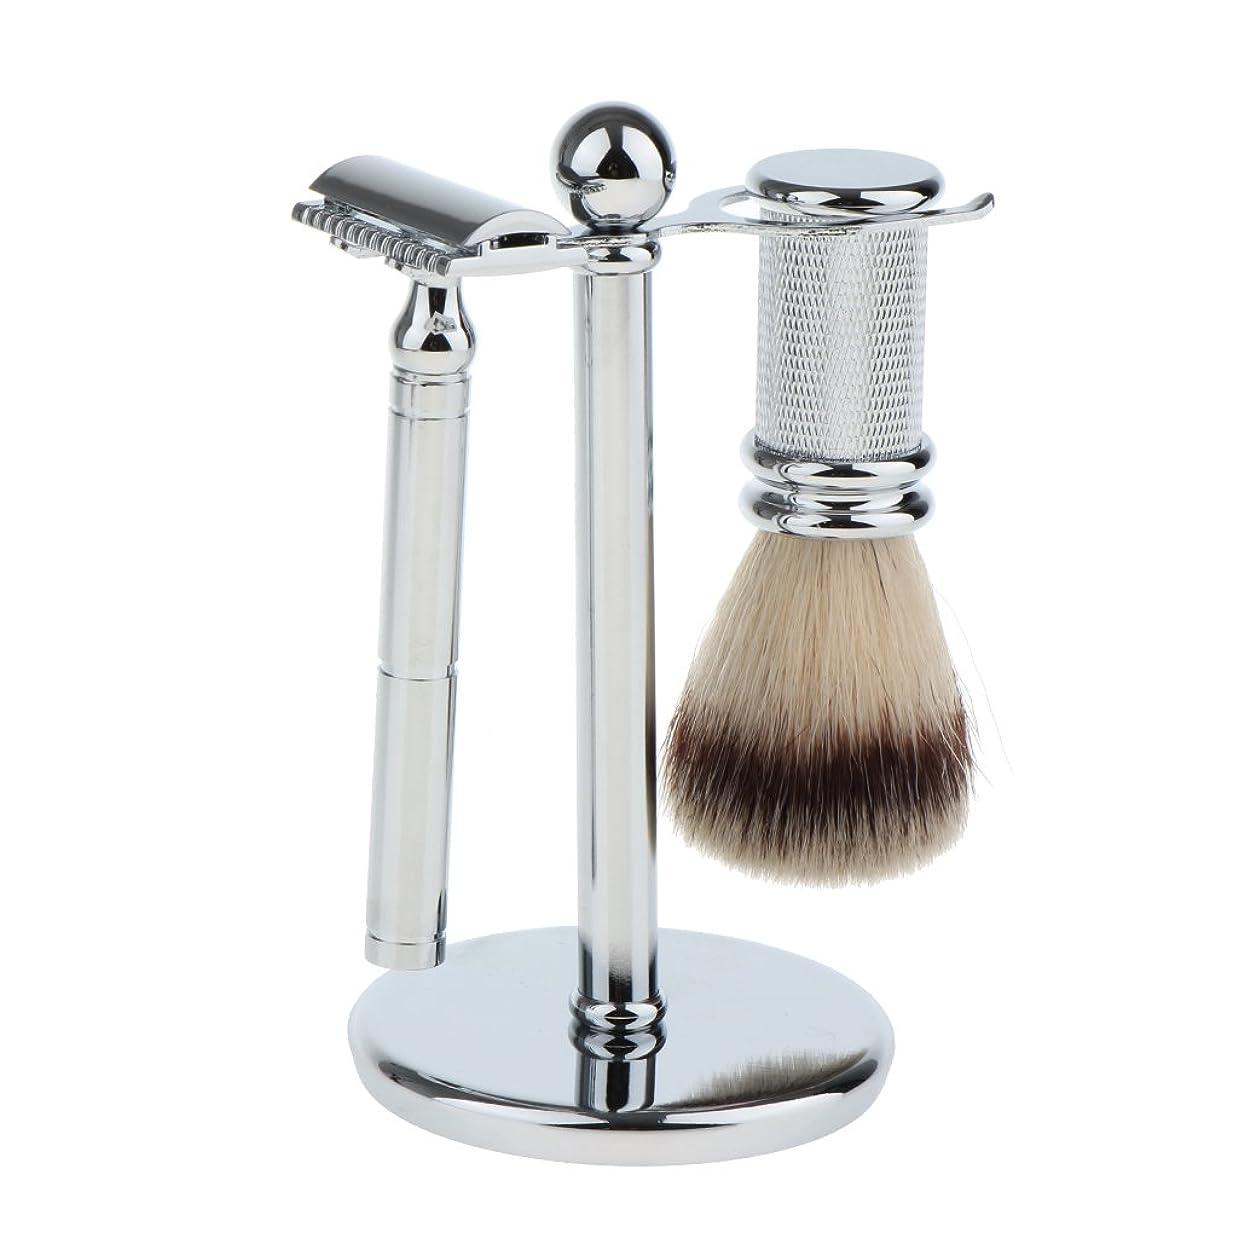 ブローホールお誕生日マリンFenteer スタンド ブラシ マニュアルシェーバー 3本セット 男性用 シェービング ブラシスタンド ダブルエッジ 剃刀